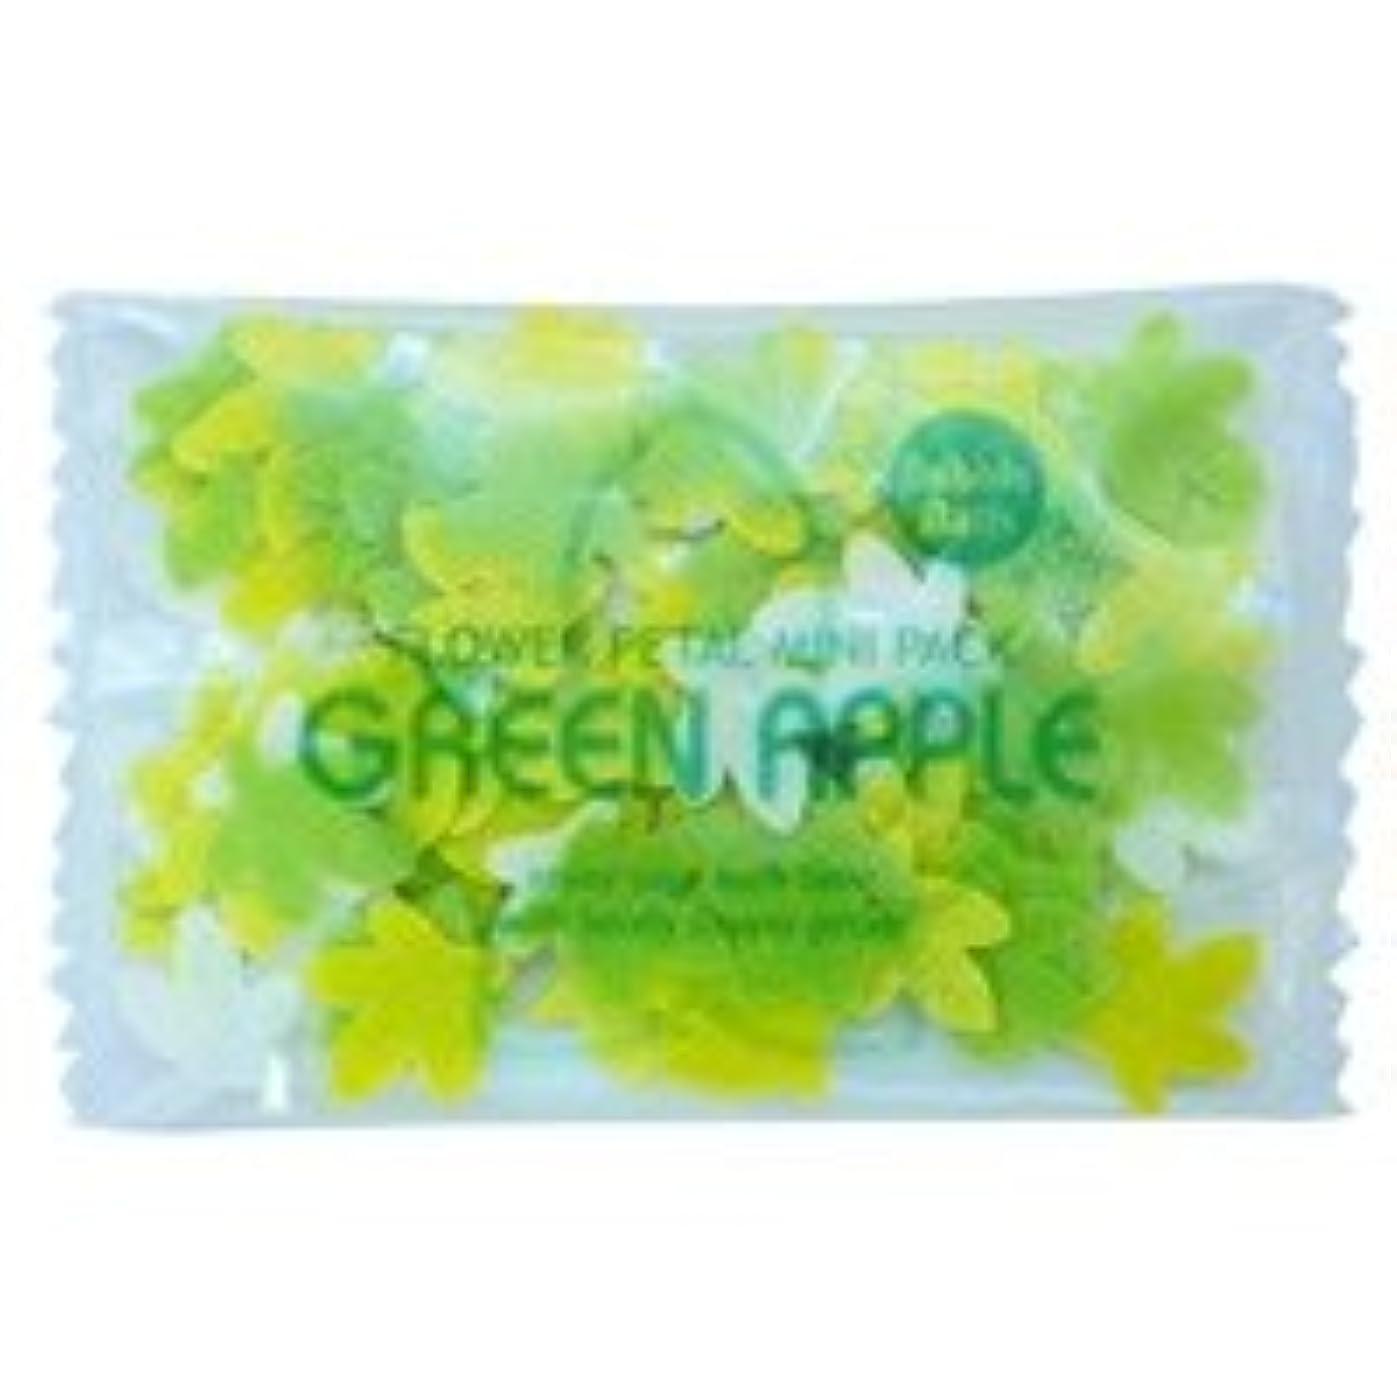 小説ビデオ望まないフラワーペタル バブルバス ミニパック「グリーンアップル」20個セット ストレスから解放されたい日に疲れた心を解きほぐしてくれるフレッシュなグリーンアップルの香り